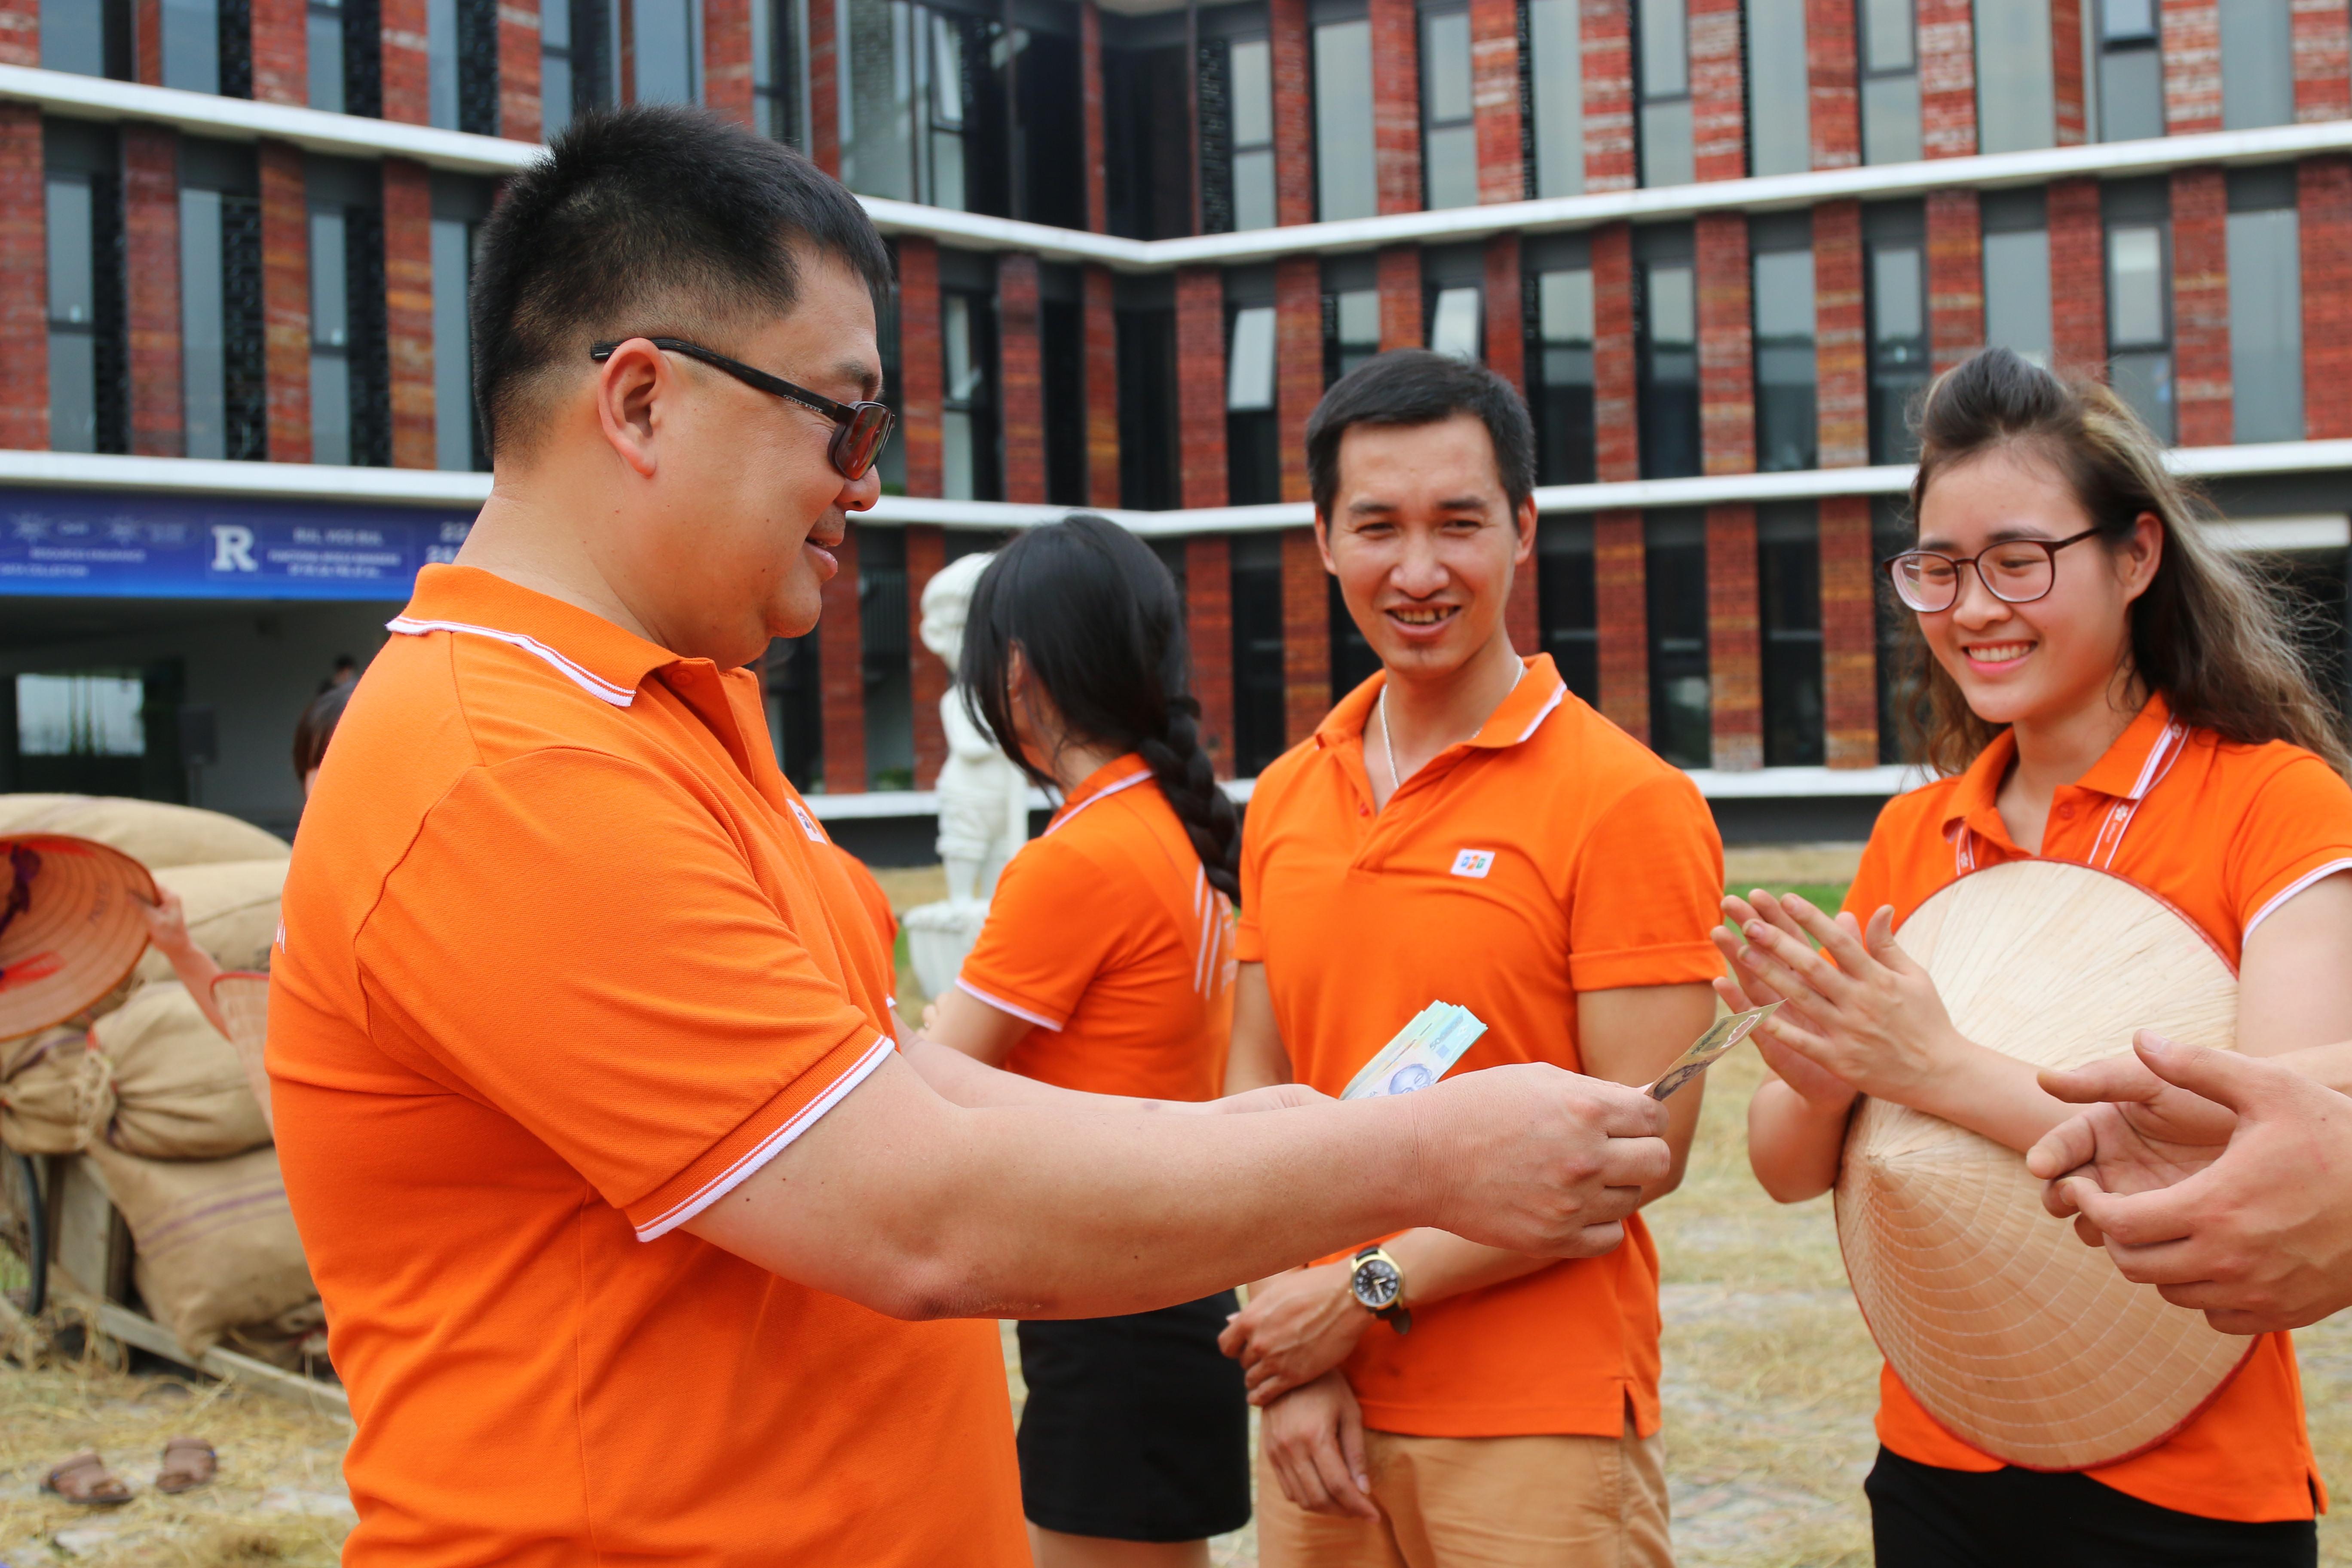 Chủ tịch FPT Software thưởng cho 2 thành viên về nhất là anh Trần Văn Quá (FHN.DPS) và chị Hoàng Thị Kim Tuyến (SSC.HL) mỗi người 1 triệu đồng. Những cuder còn lại trong cuộc thi cắt lúa được thưởng mỗi người 500.000 đồng.